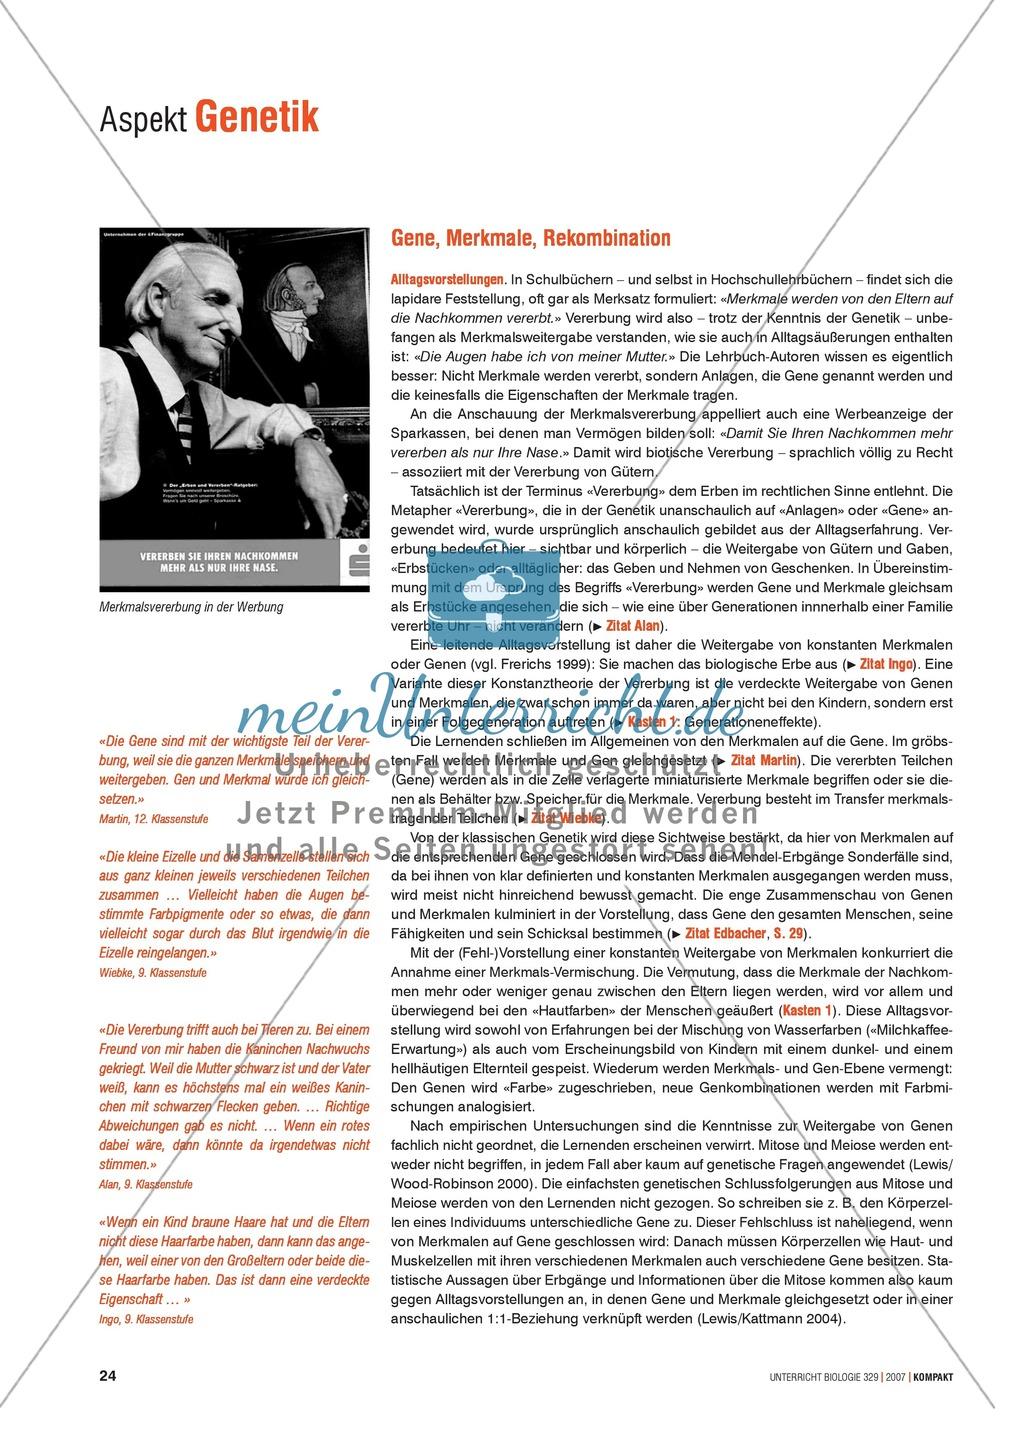 Alltagsvorstellungen zur Genetik - Gene, Merkmale und Rekombination: Info-Text und Aufgaben Preview 0